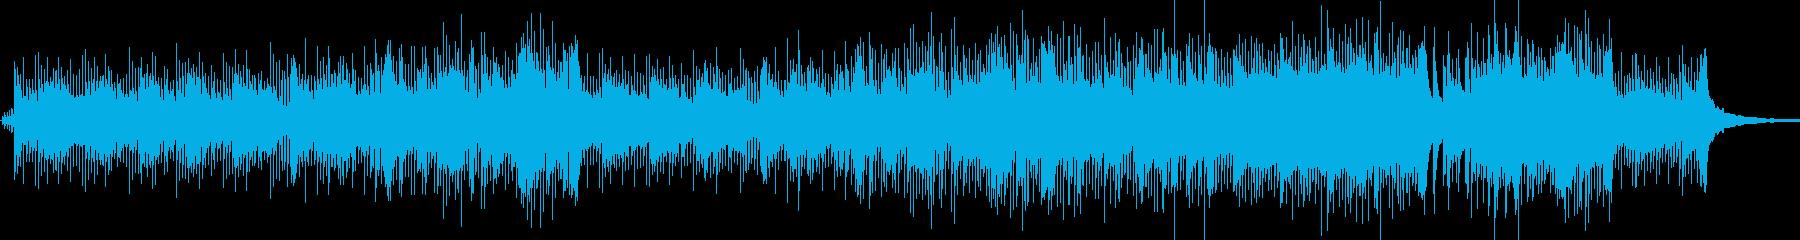 ピアノの軽快なインスト曲の再生済みの波形